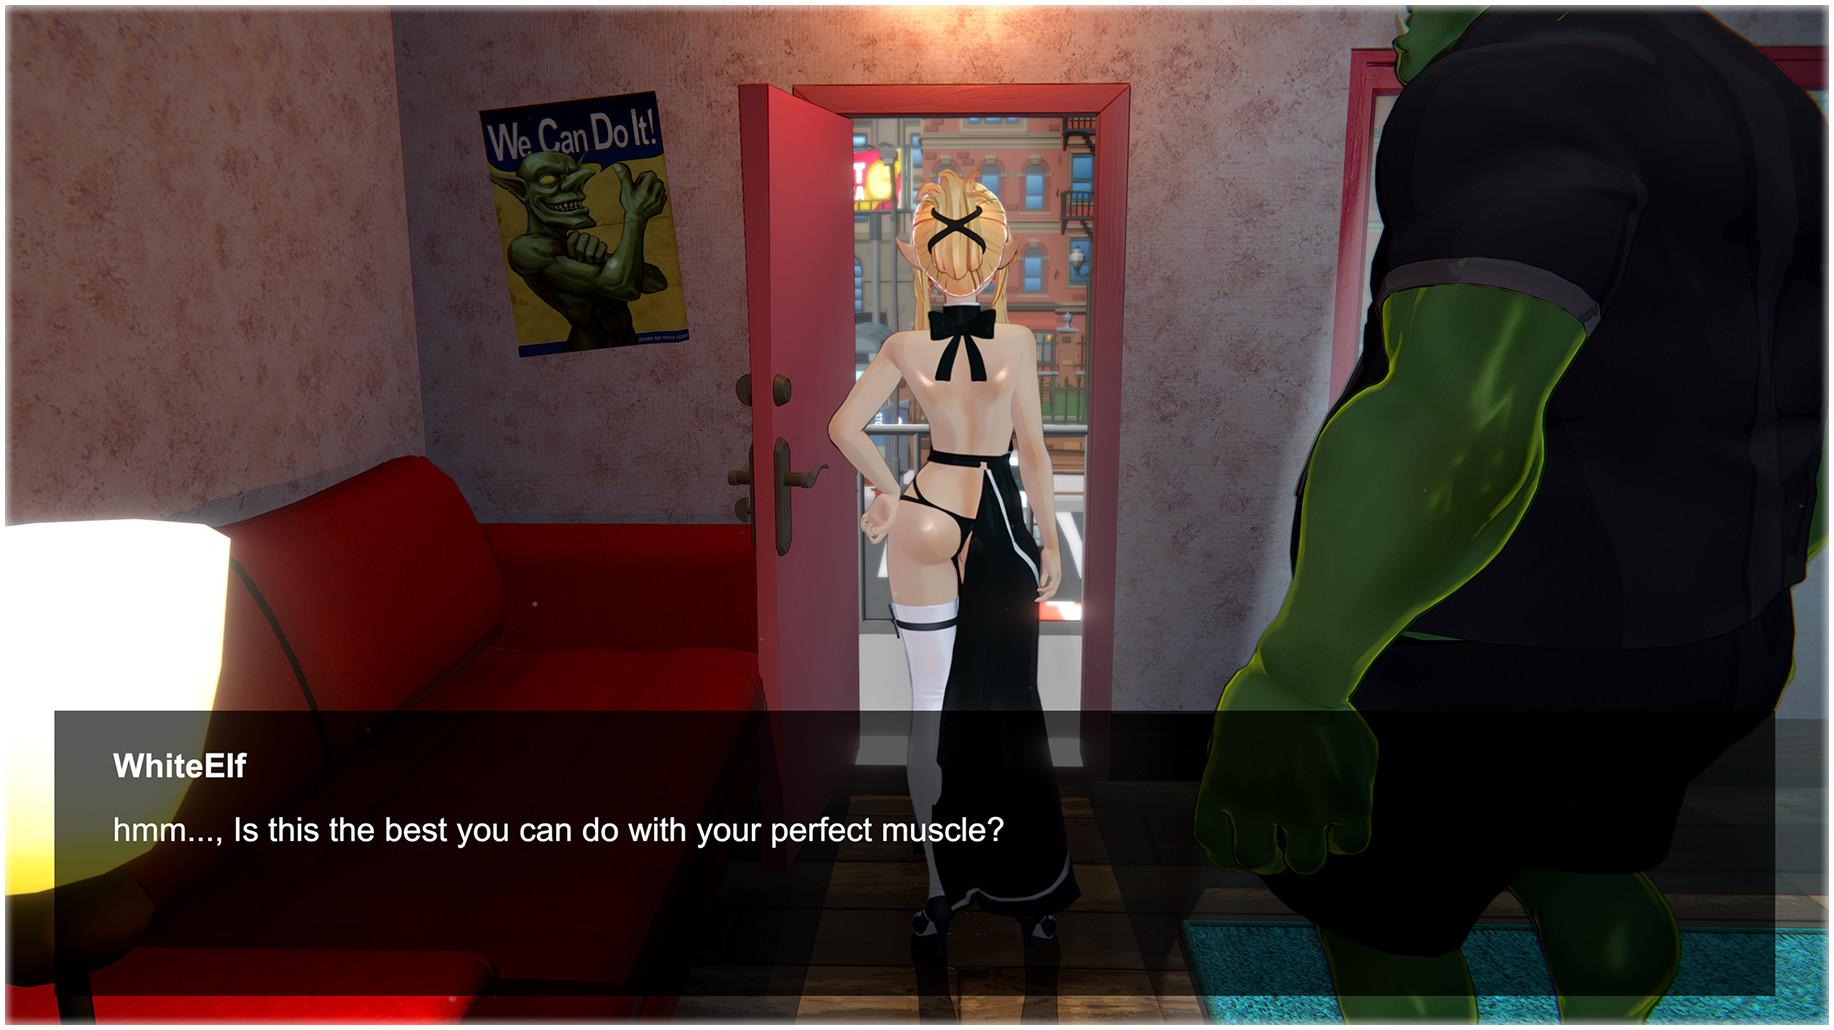 國產18禁遊戲《獸人按摩店》預計登上Steam!幫魔物娘馬殺雞順便蕉流蕉流!